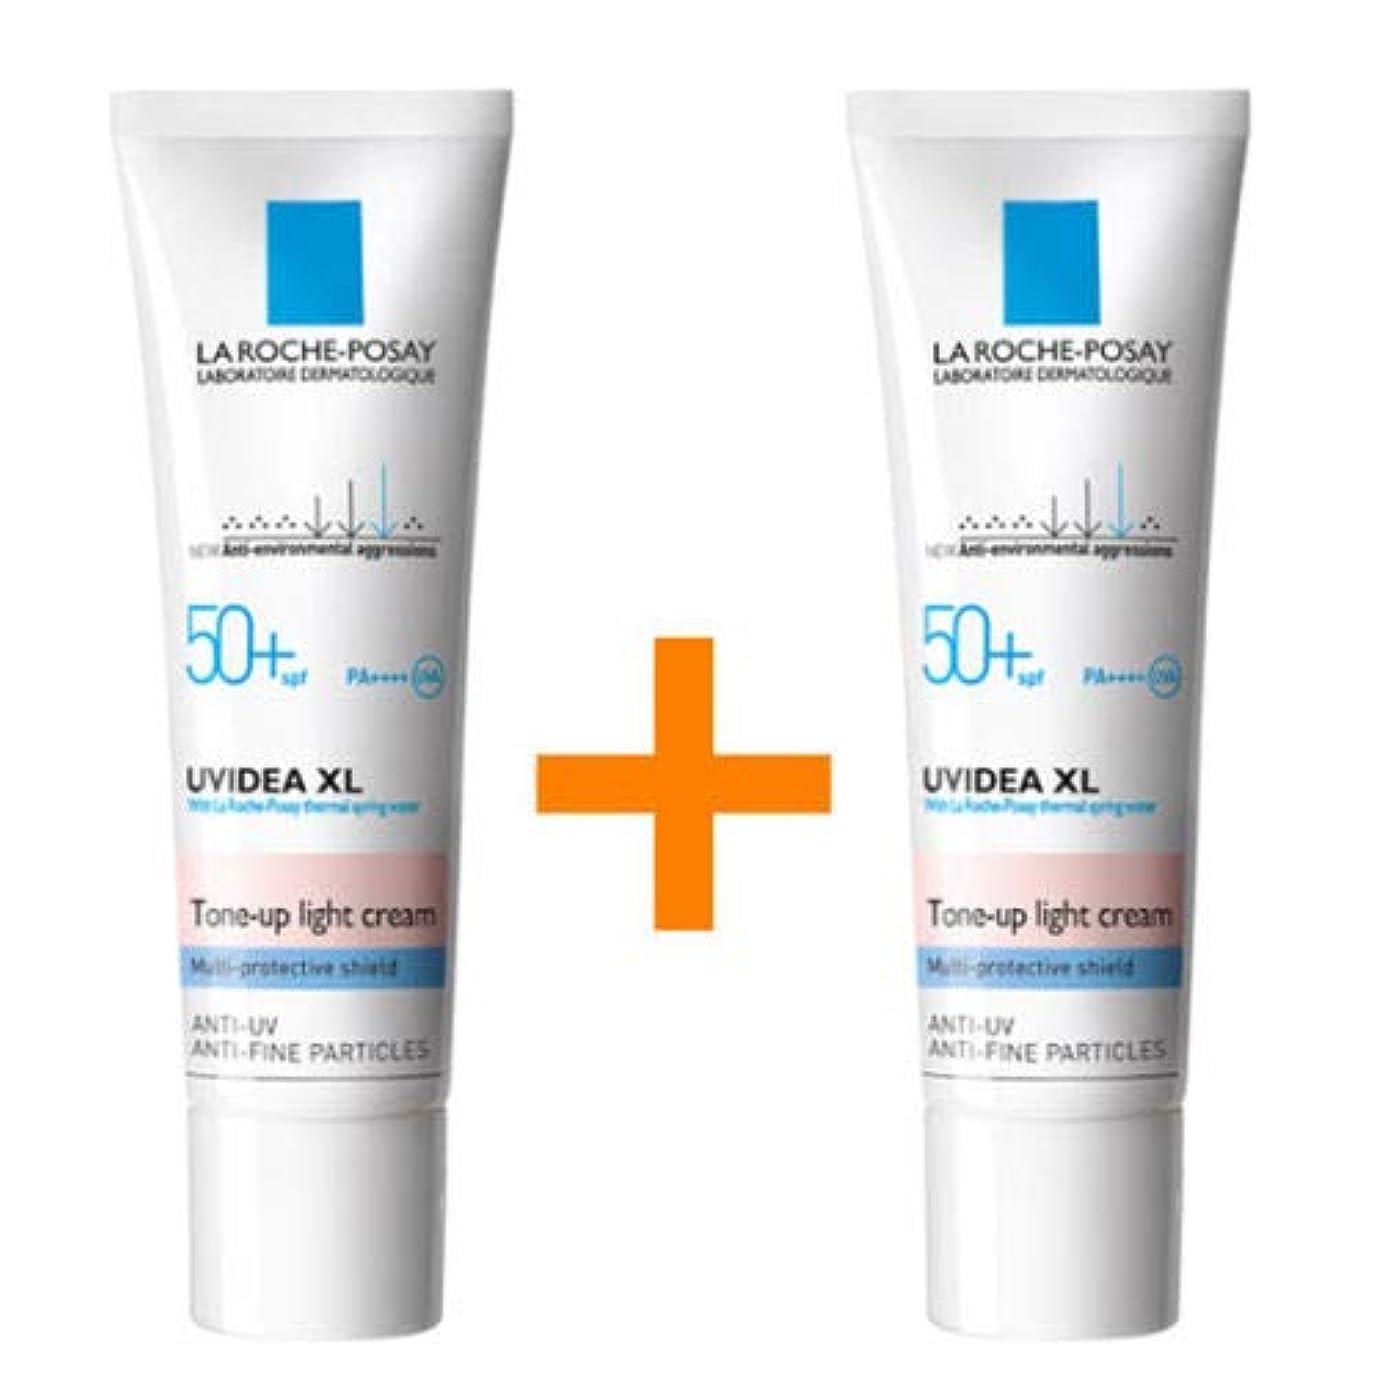 反映するアンデス山脈ミッション[1+1] La Roche-Posay ラロッシュポゼ UVイデア XL プロテクショントーンアップ Uvidea XL Tone-up Light Cream (30ml)